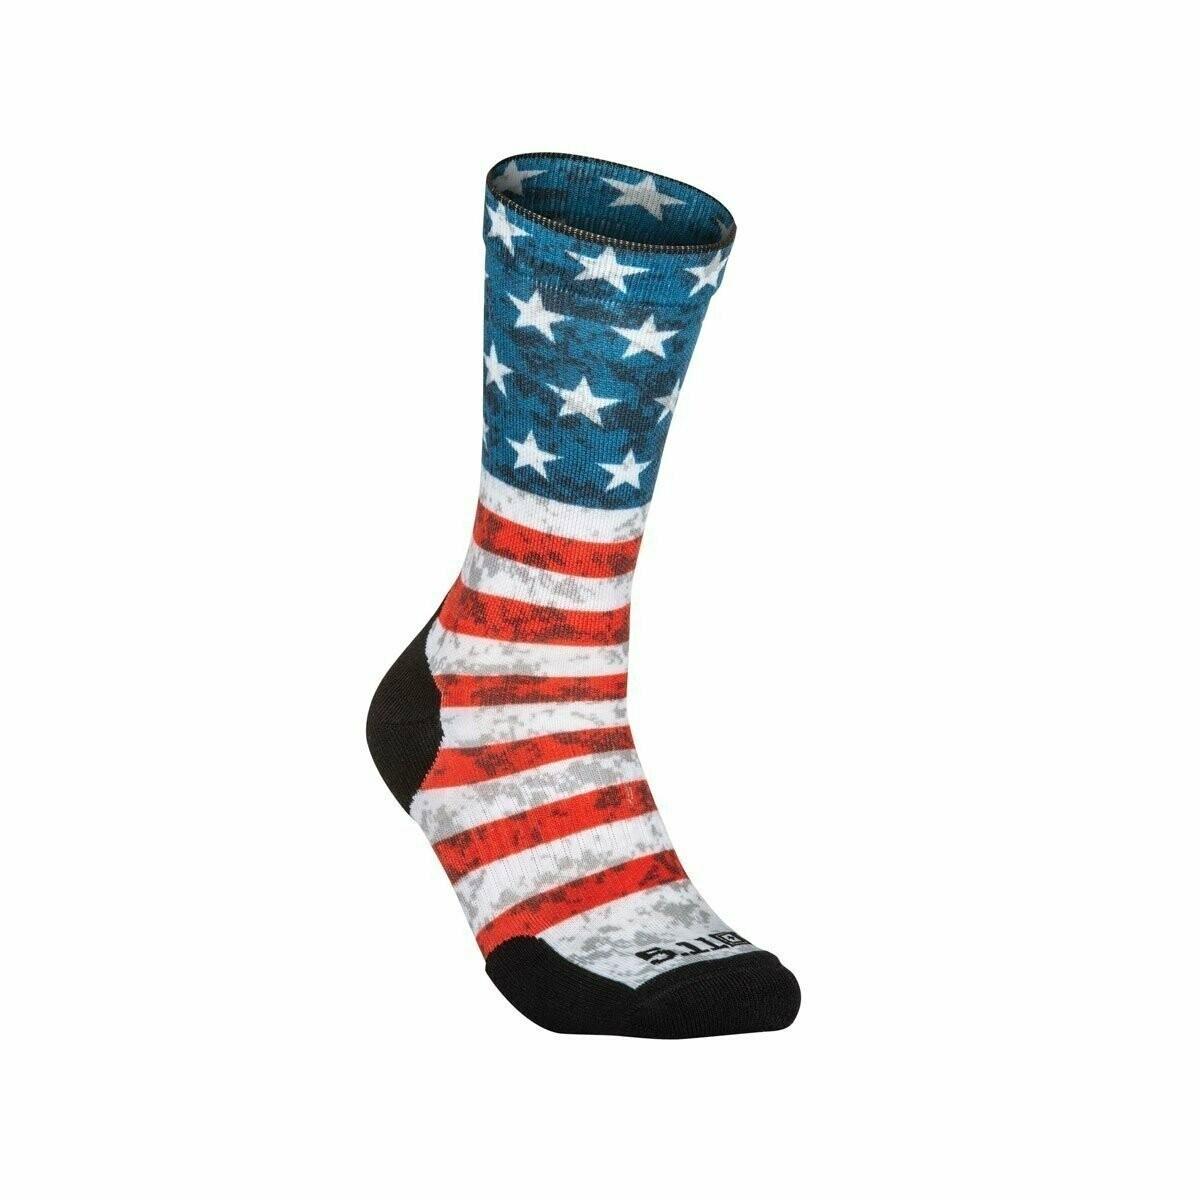 5.11 - Sock & Awe American Flag